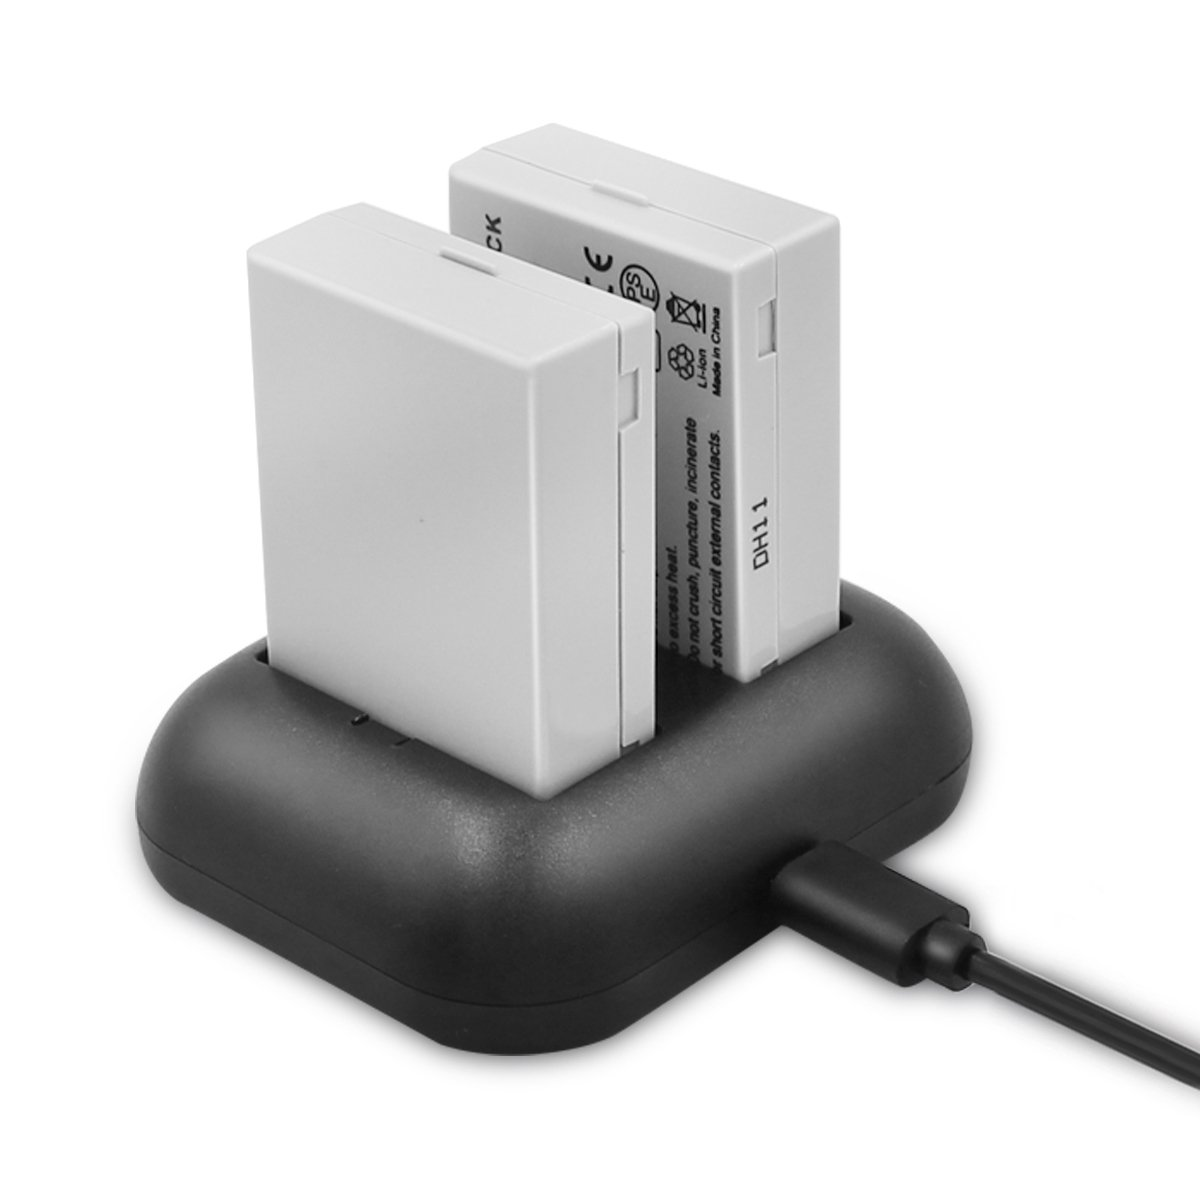 ENEGON Batería de Repuesto (Paquete de 2) y Cargador rápido rápido para Canon LP-E8 y Canon EOS Rebel T2i, T3i, T4i, T5i, EOS 550D, 600D, 650D, 700D, ...